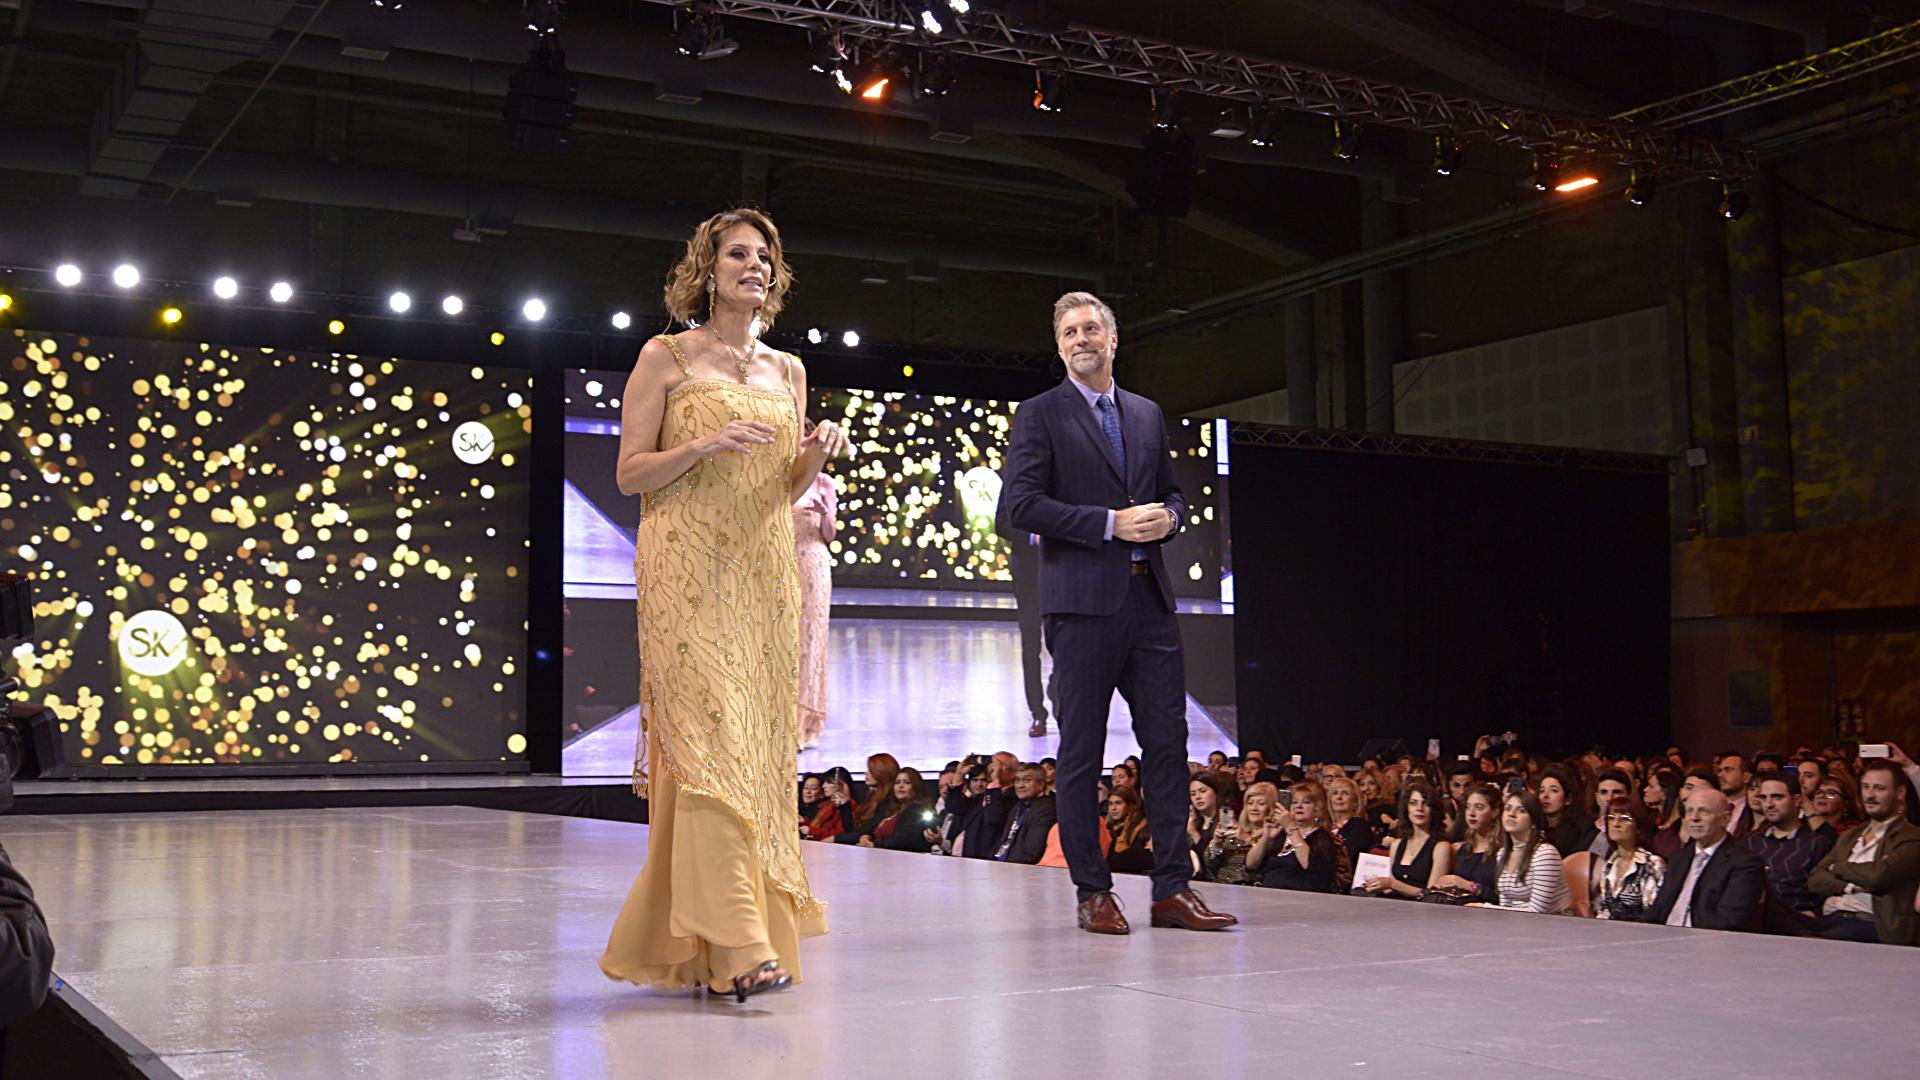 La conducción del desfile más esperado del mundo fashionista argentino estuvo a cargo de la ex modelo Nequi Galotti y Horacio Cabak